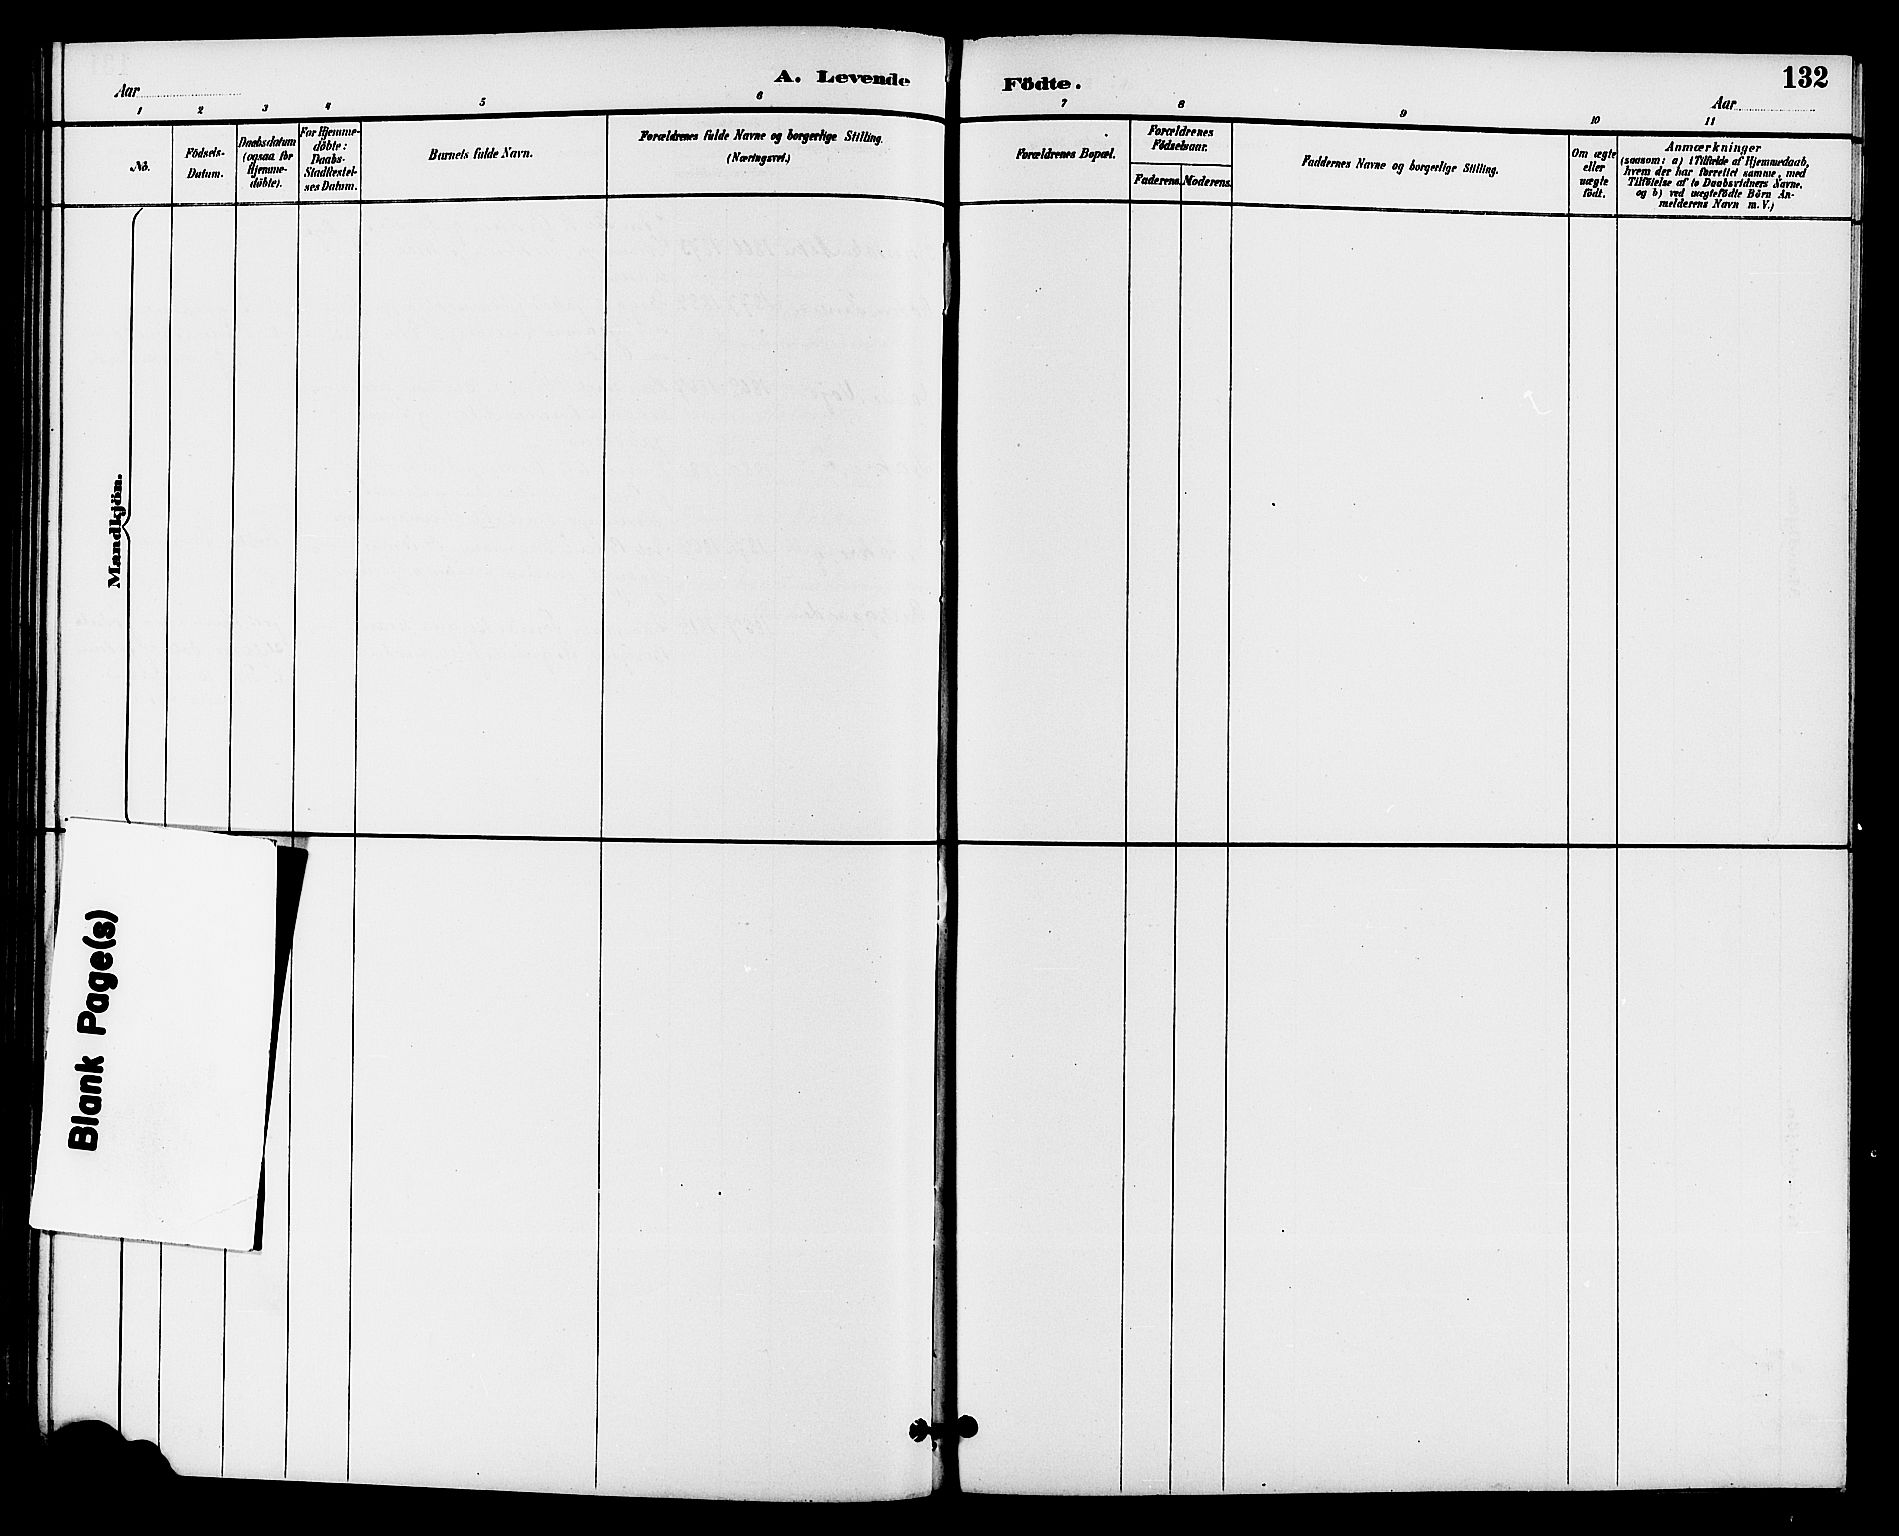 SAKO, Drangedal kirkebøker, G/Ga/L0003: Klokkerbok nr. I 3, 1887-1906, s. 132